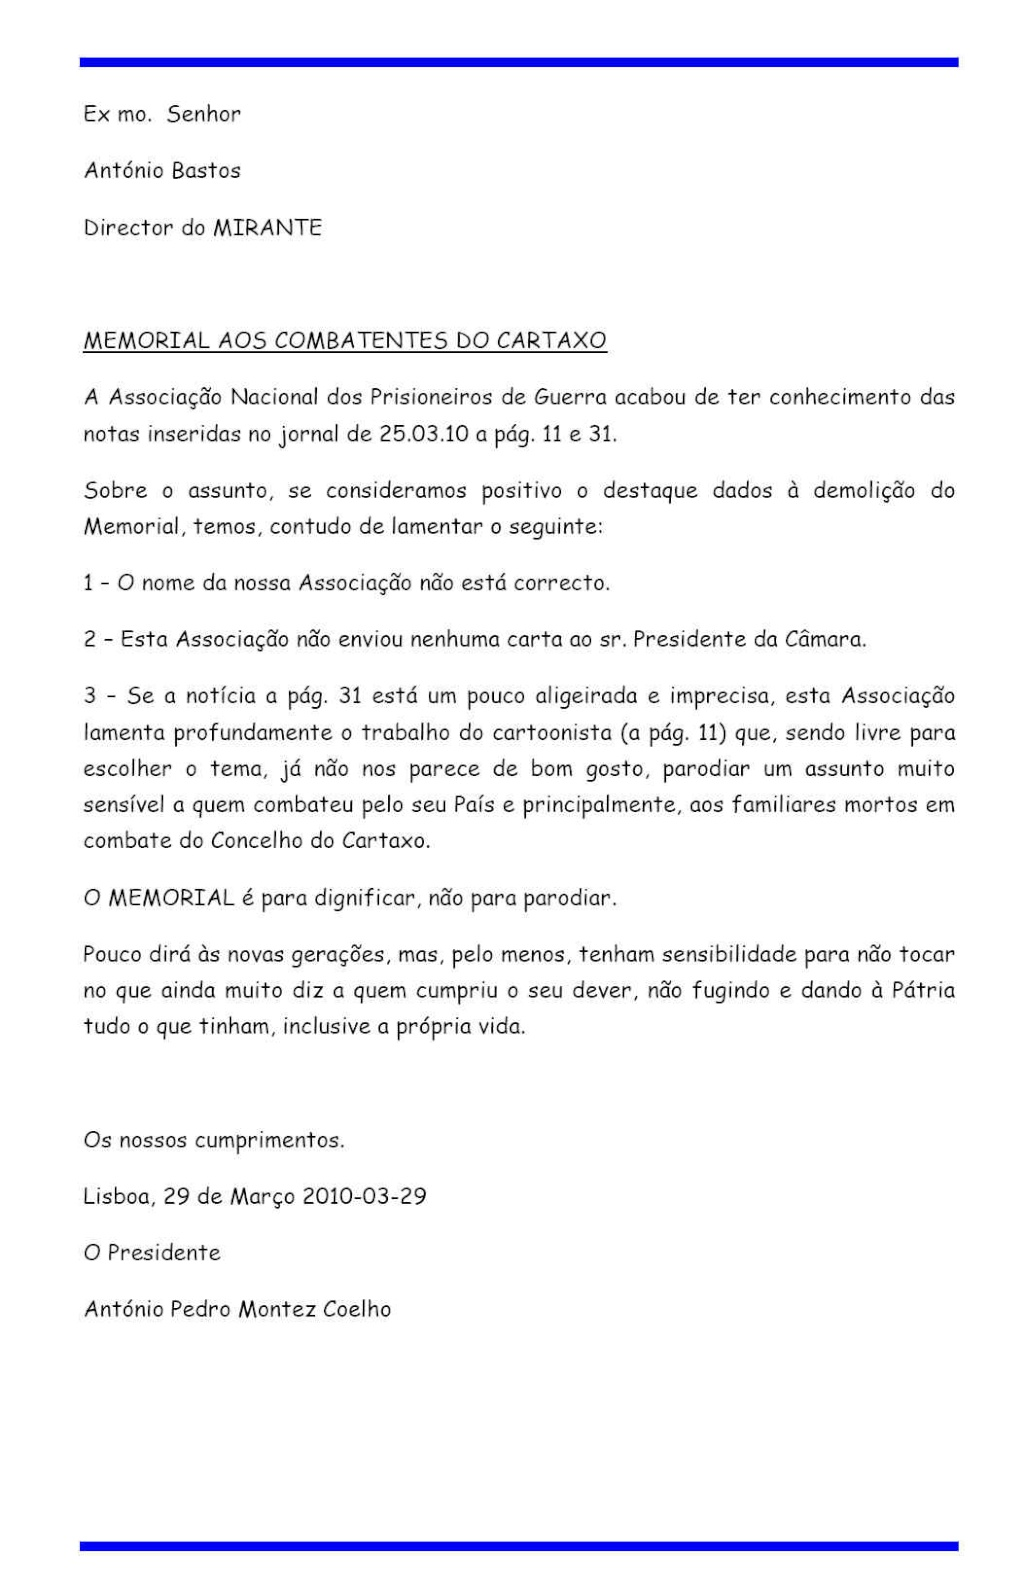 Cartaxo - Monumento aos combatentes Respos10